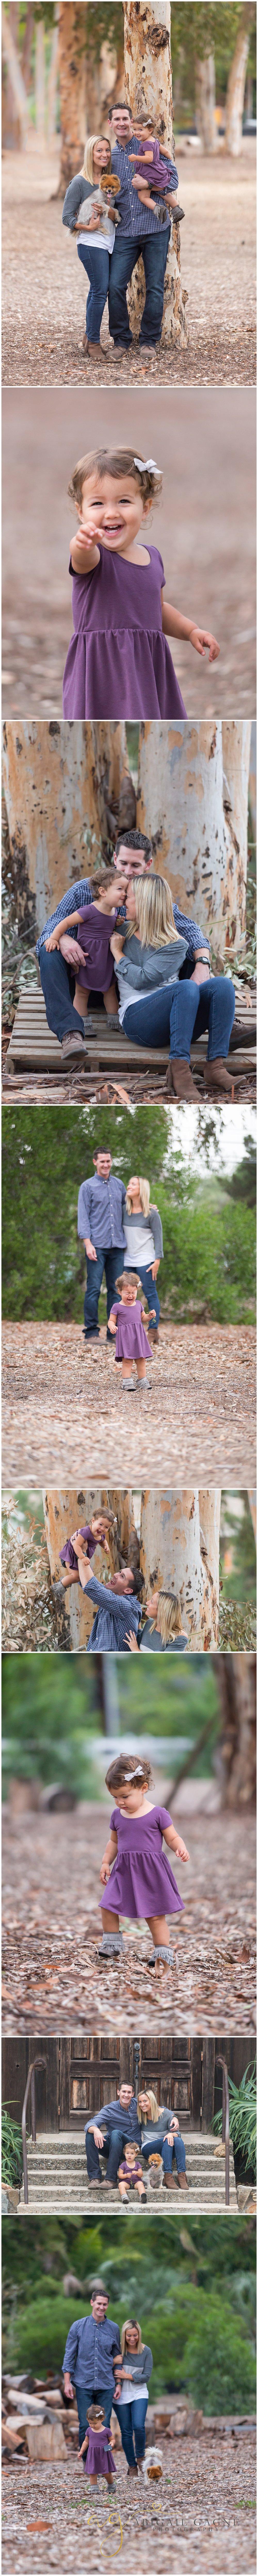 olivenhain colony san diego family photos